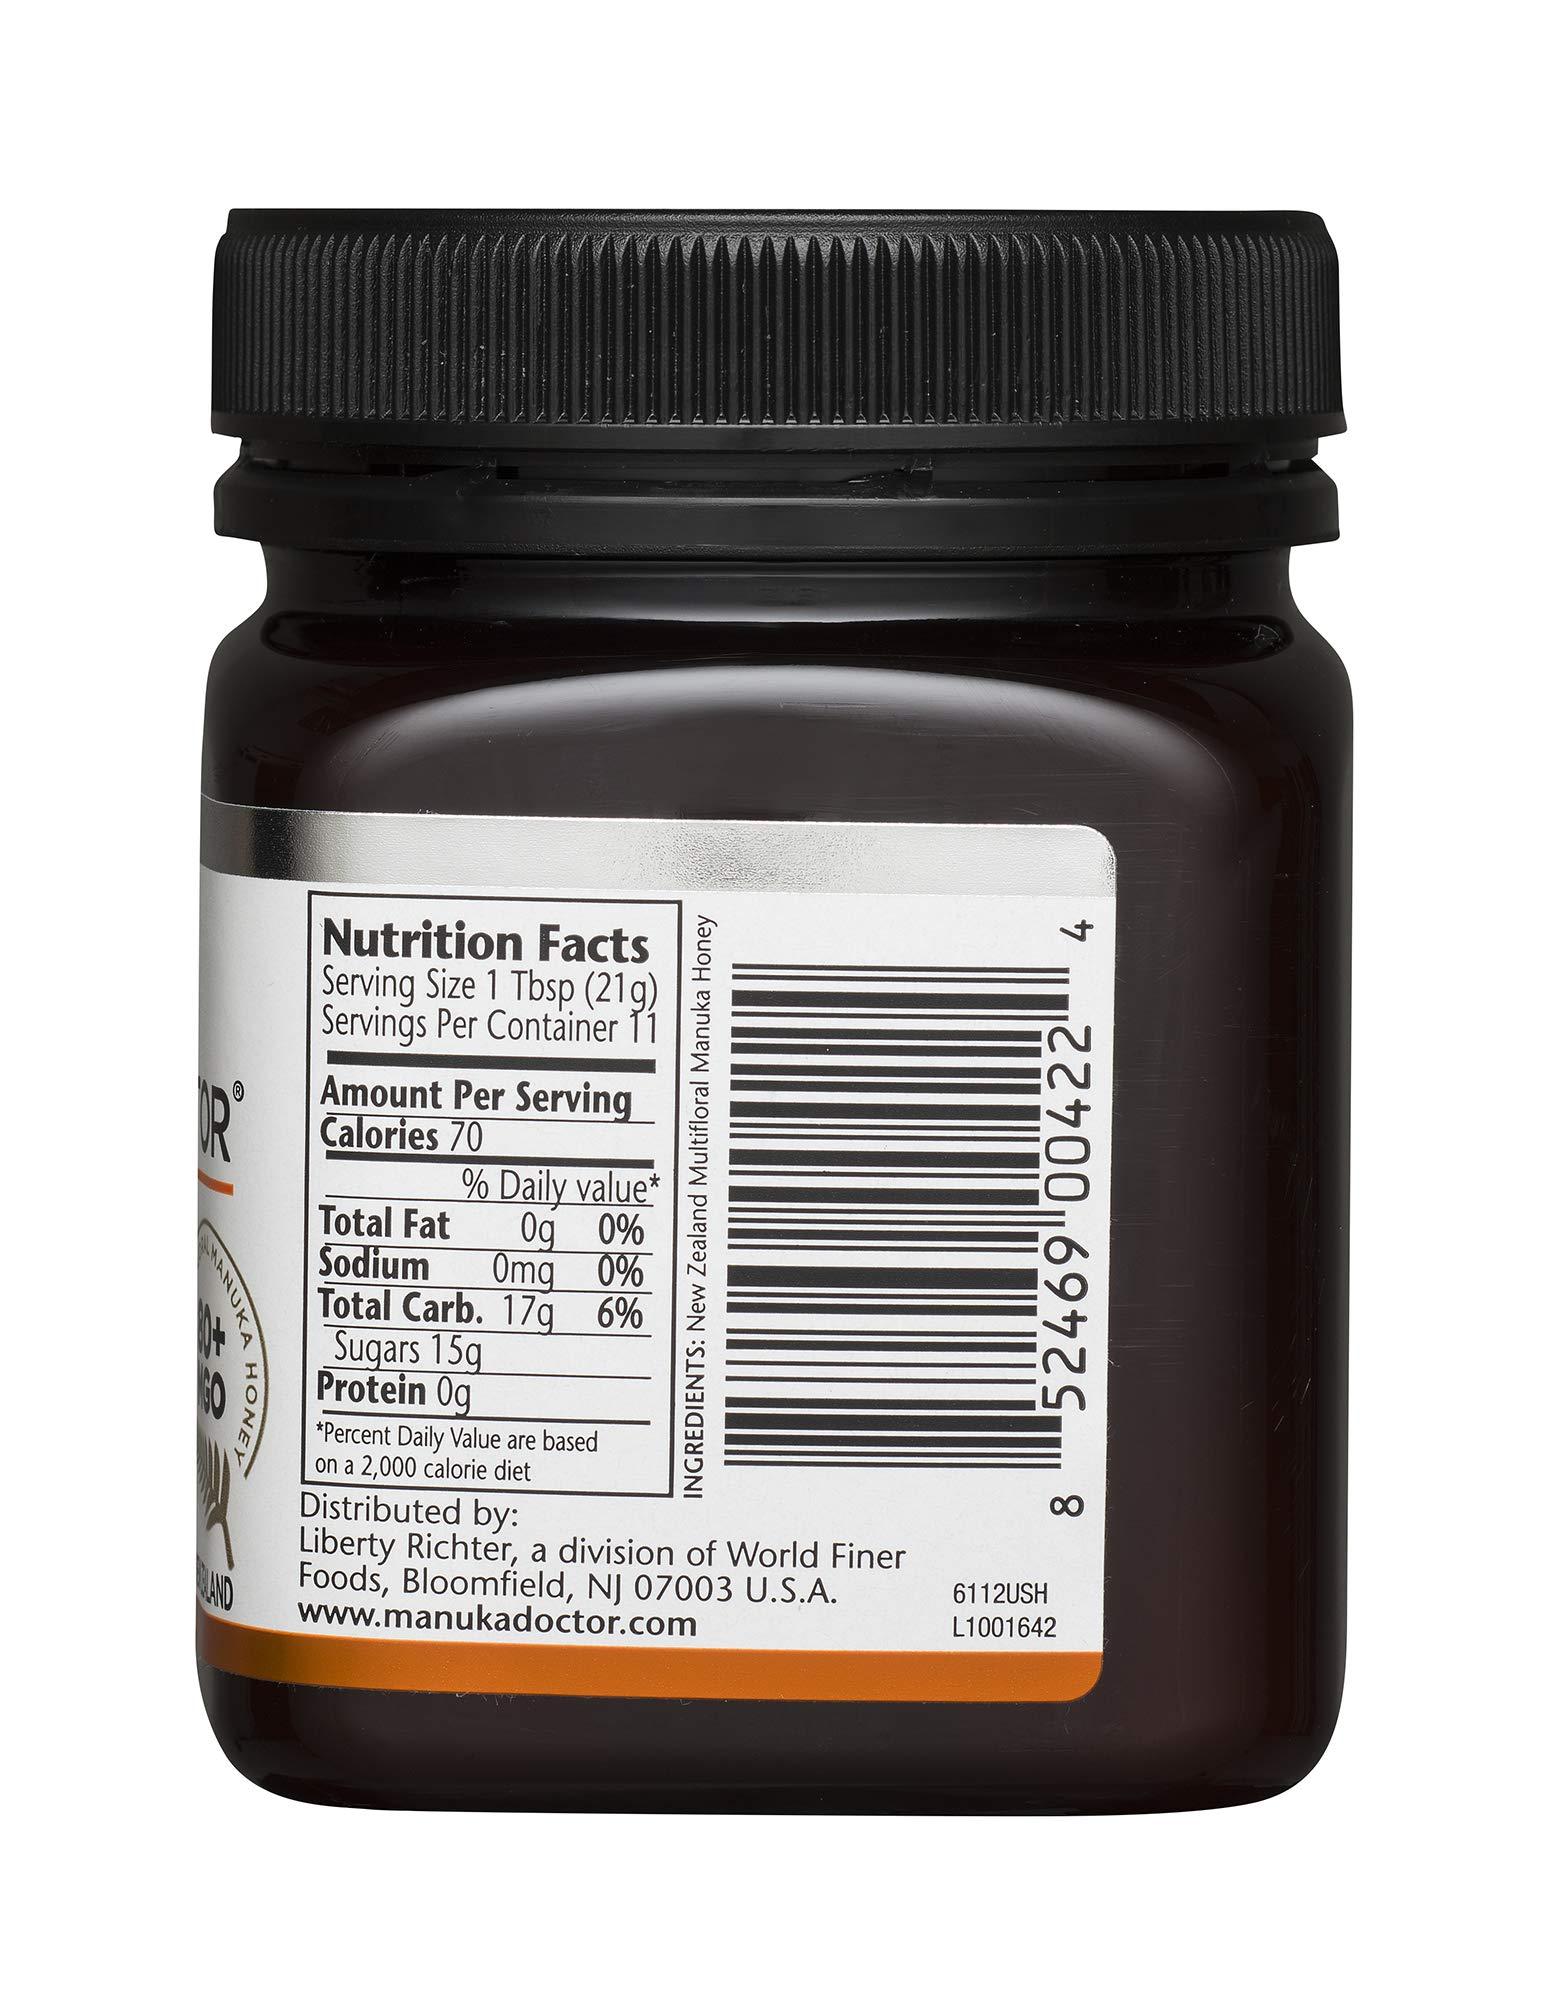 Manuka Doctor Bio Active Honey, 24 Plus, 8.75 Ounce by Manuka Doctor (Image #5)